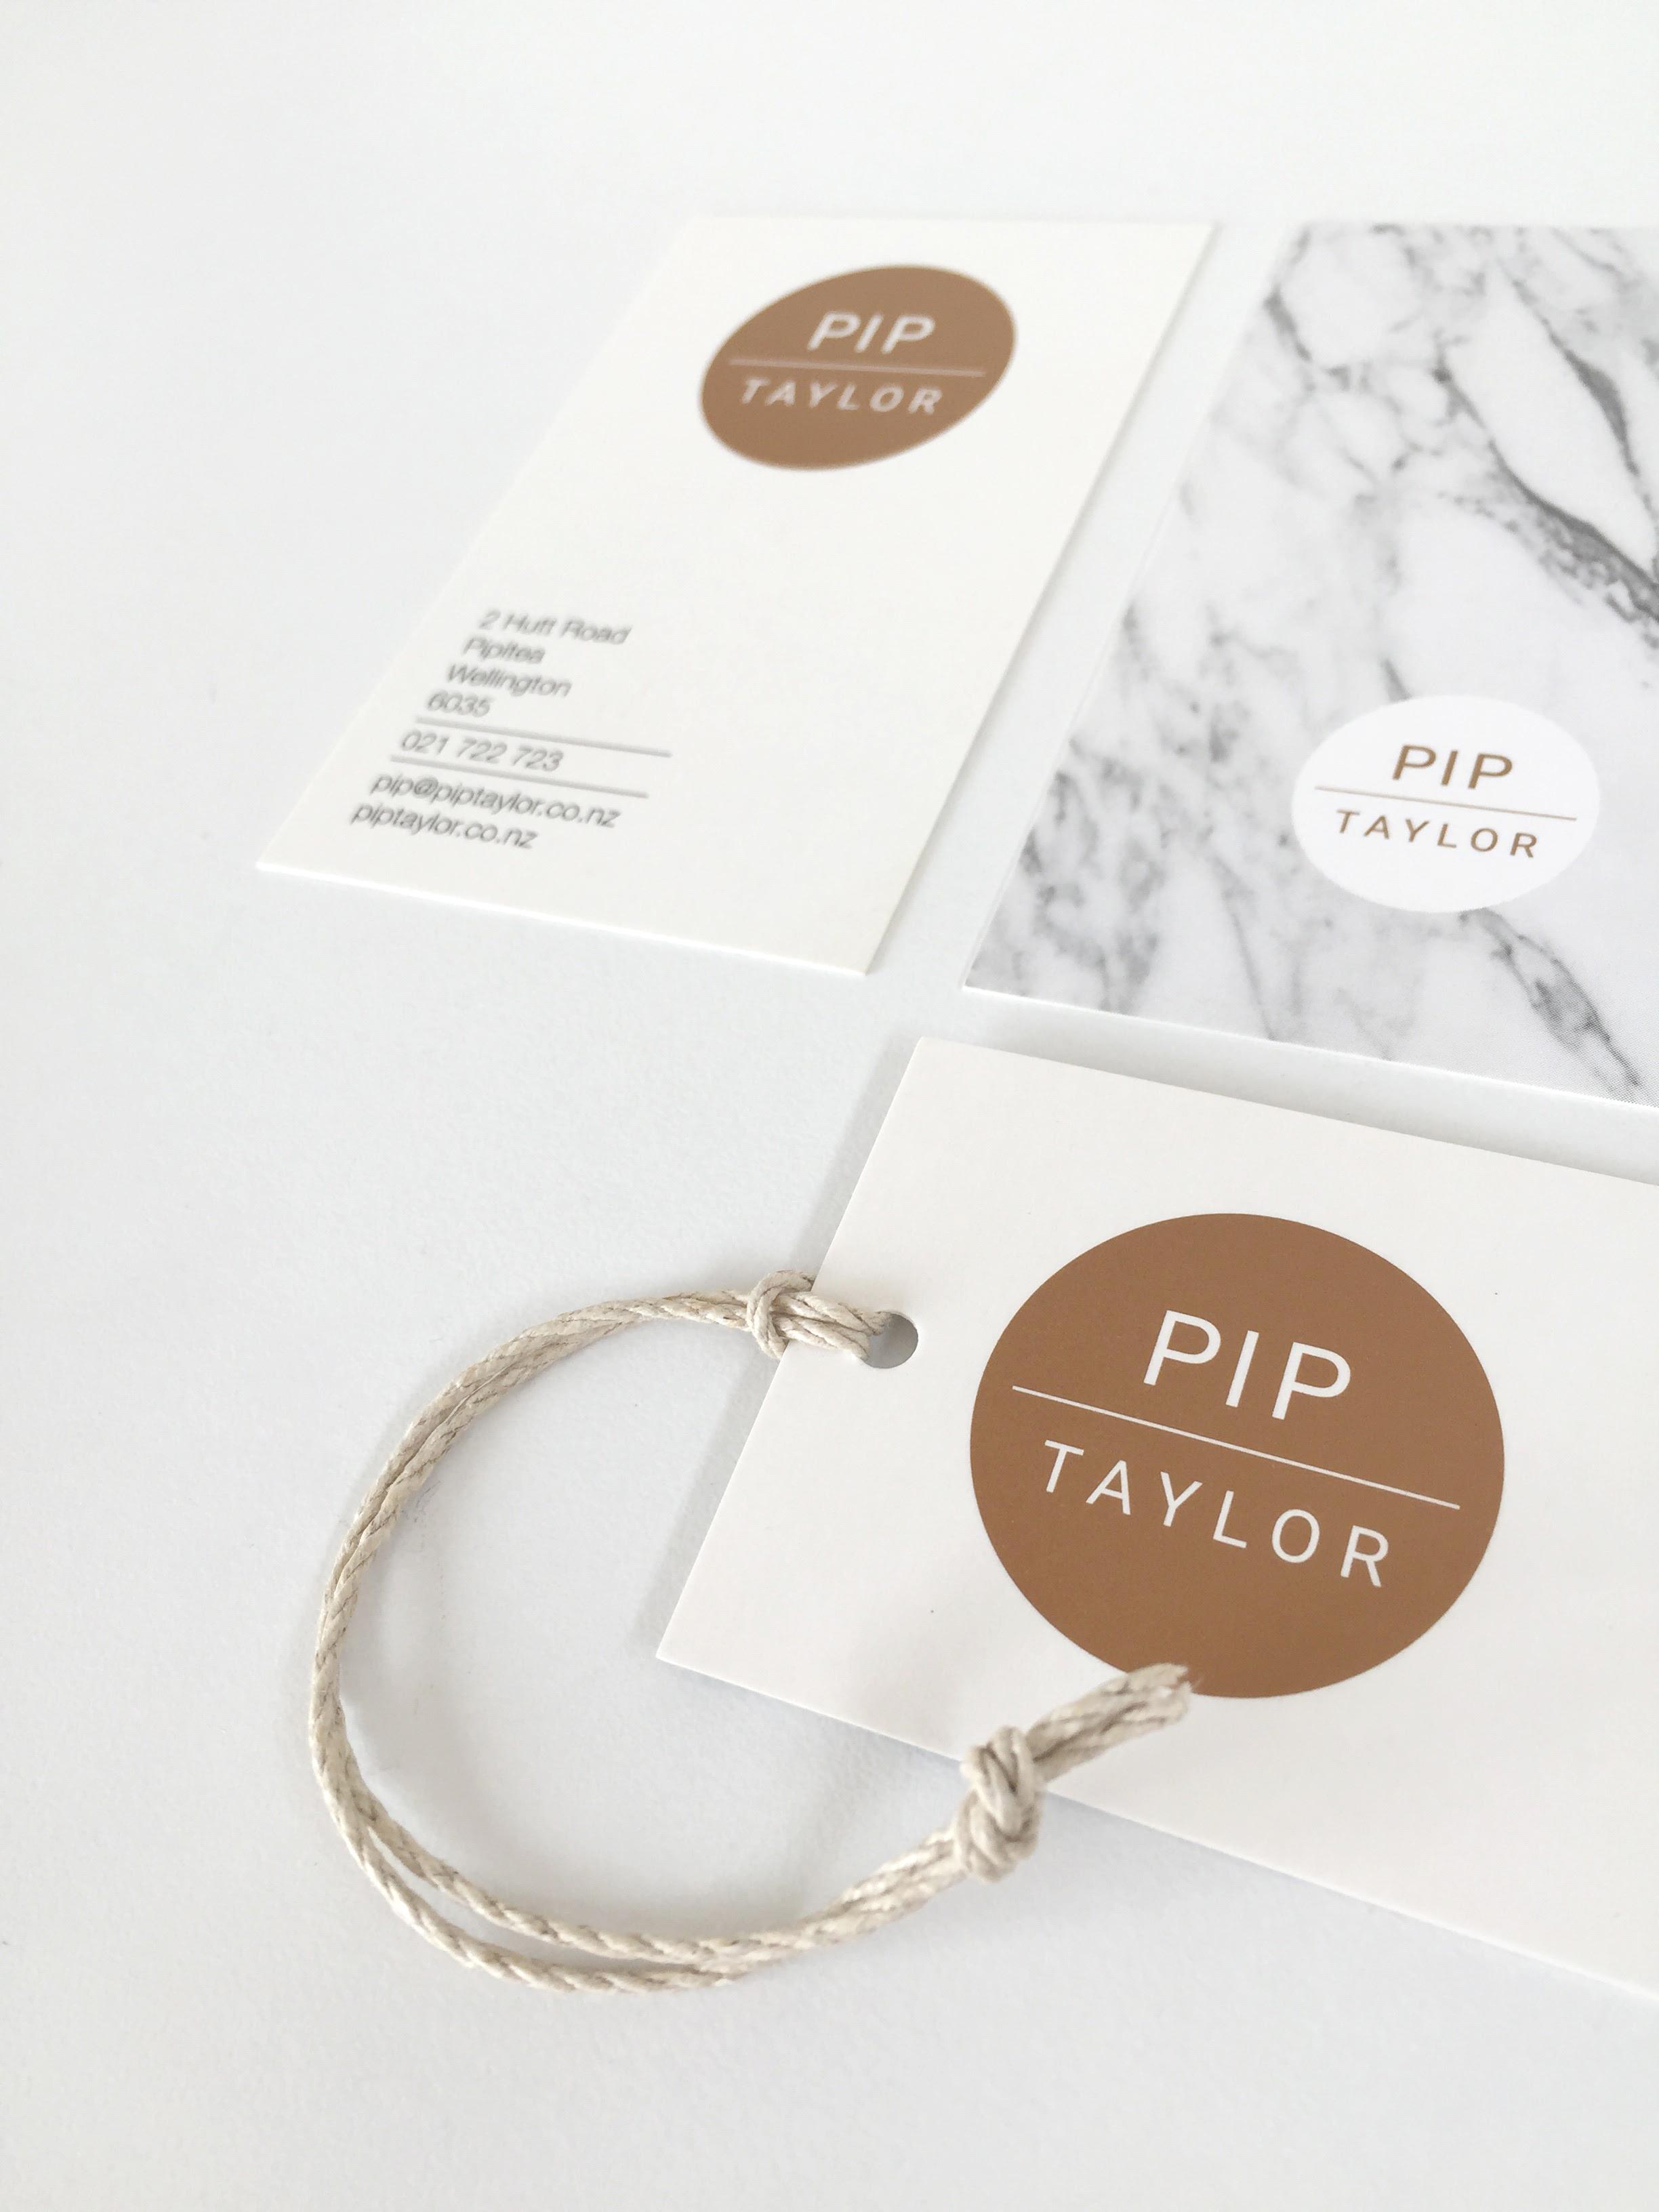 PIP TAYLOR